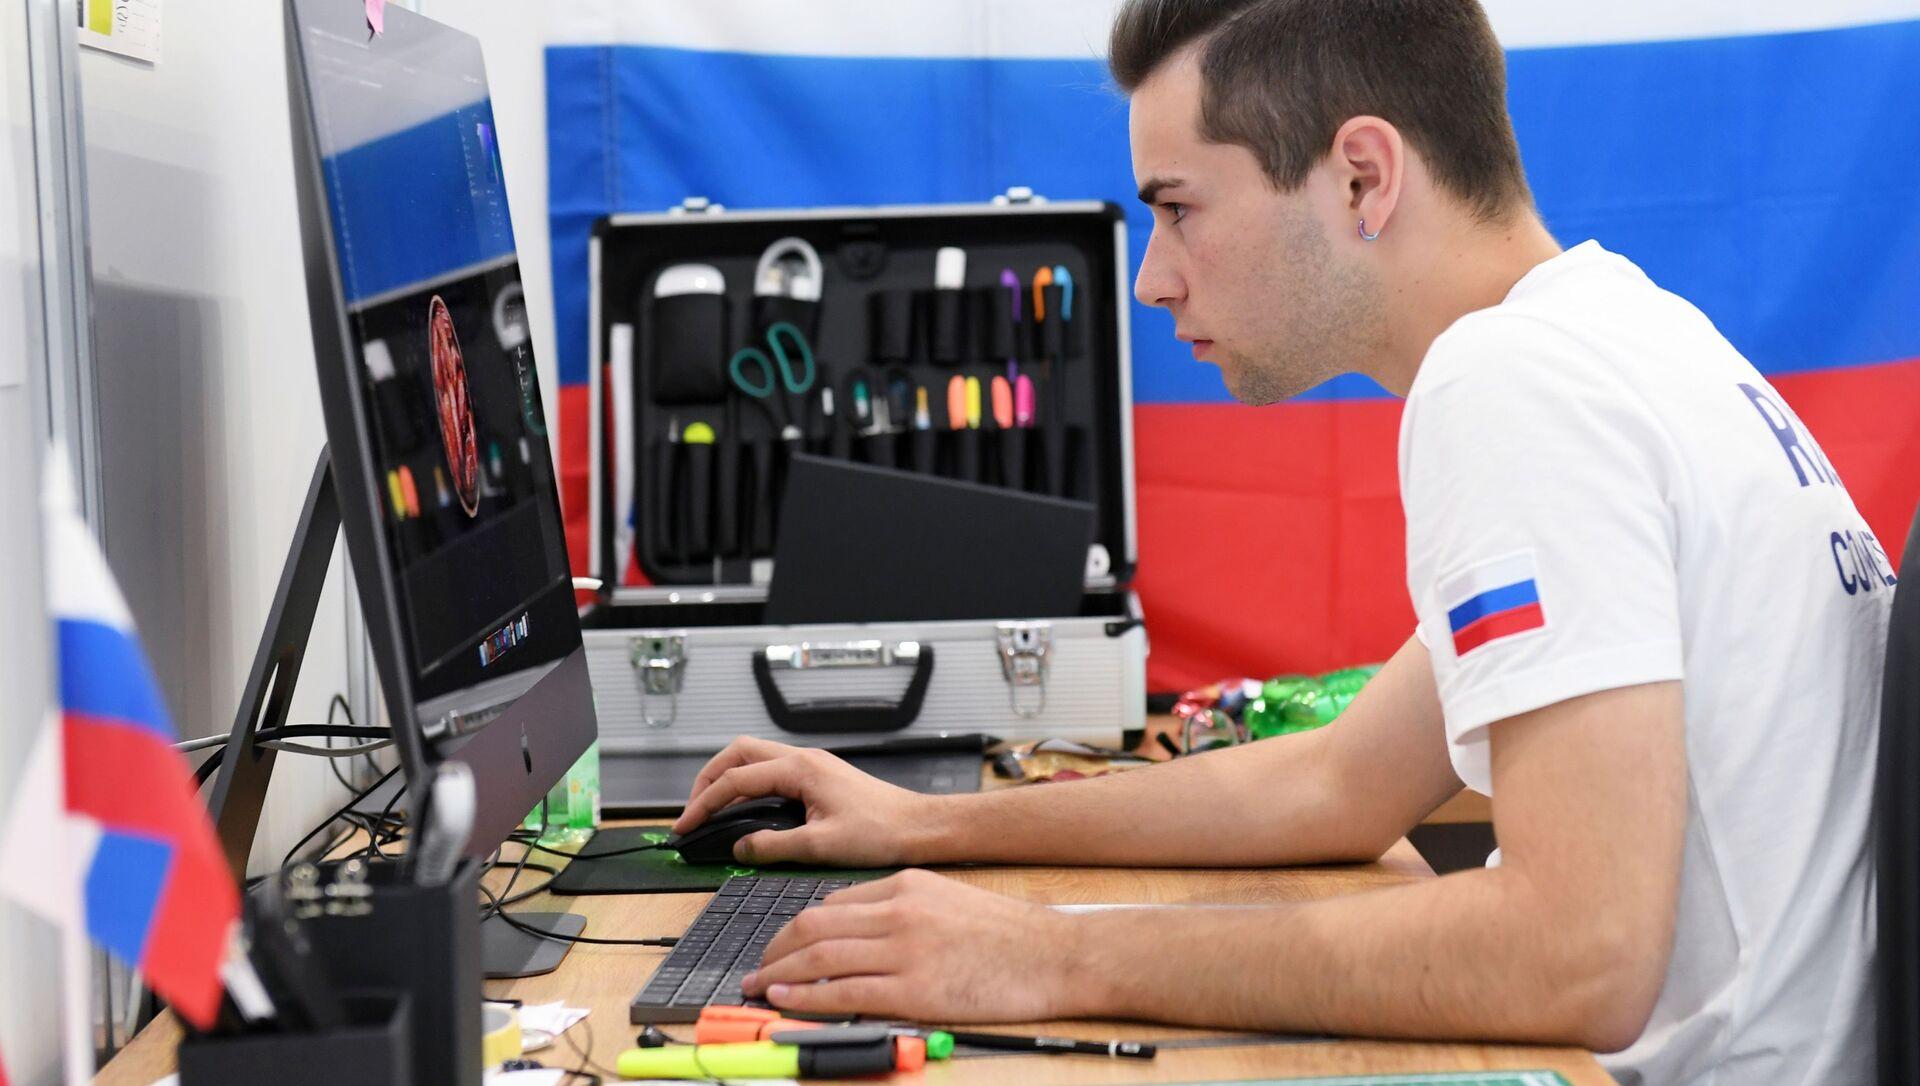 Những người tham gia cuộc thi Thiết kế đồ họa tại giải vô địch thế giới về kỹ năng nghề nghiệp Worldskills 2019 tại Kazan - Sputnik Việt Nam, 1920, 19.08.2021